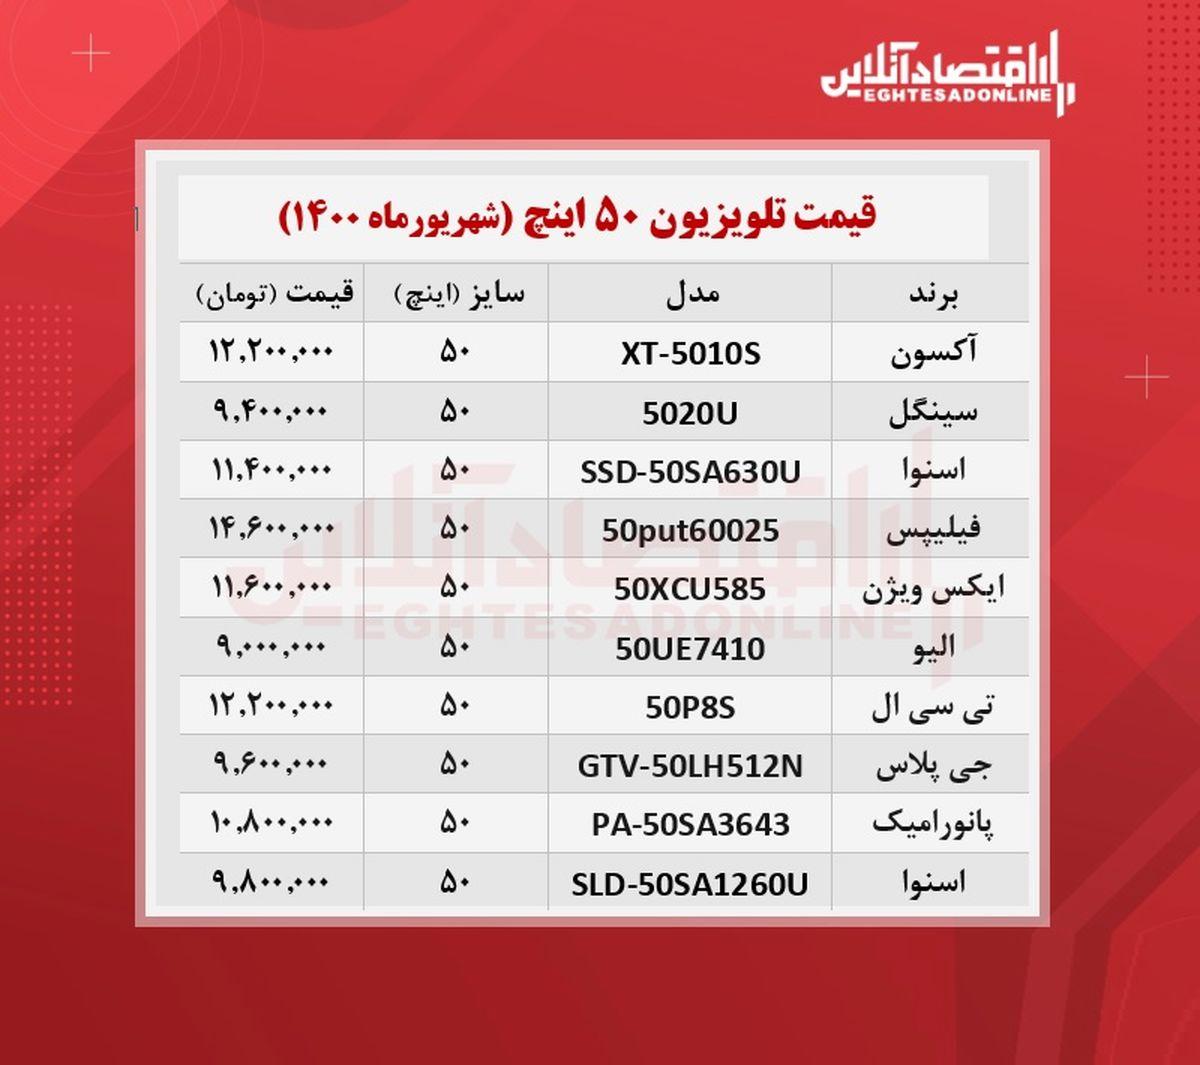 قیمت تلویزیون ۵۰اینچ /۱۵شهریورماه